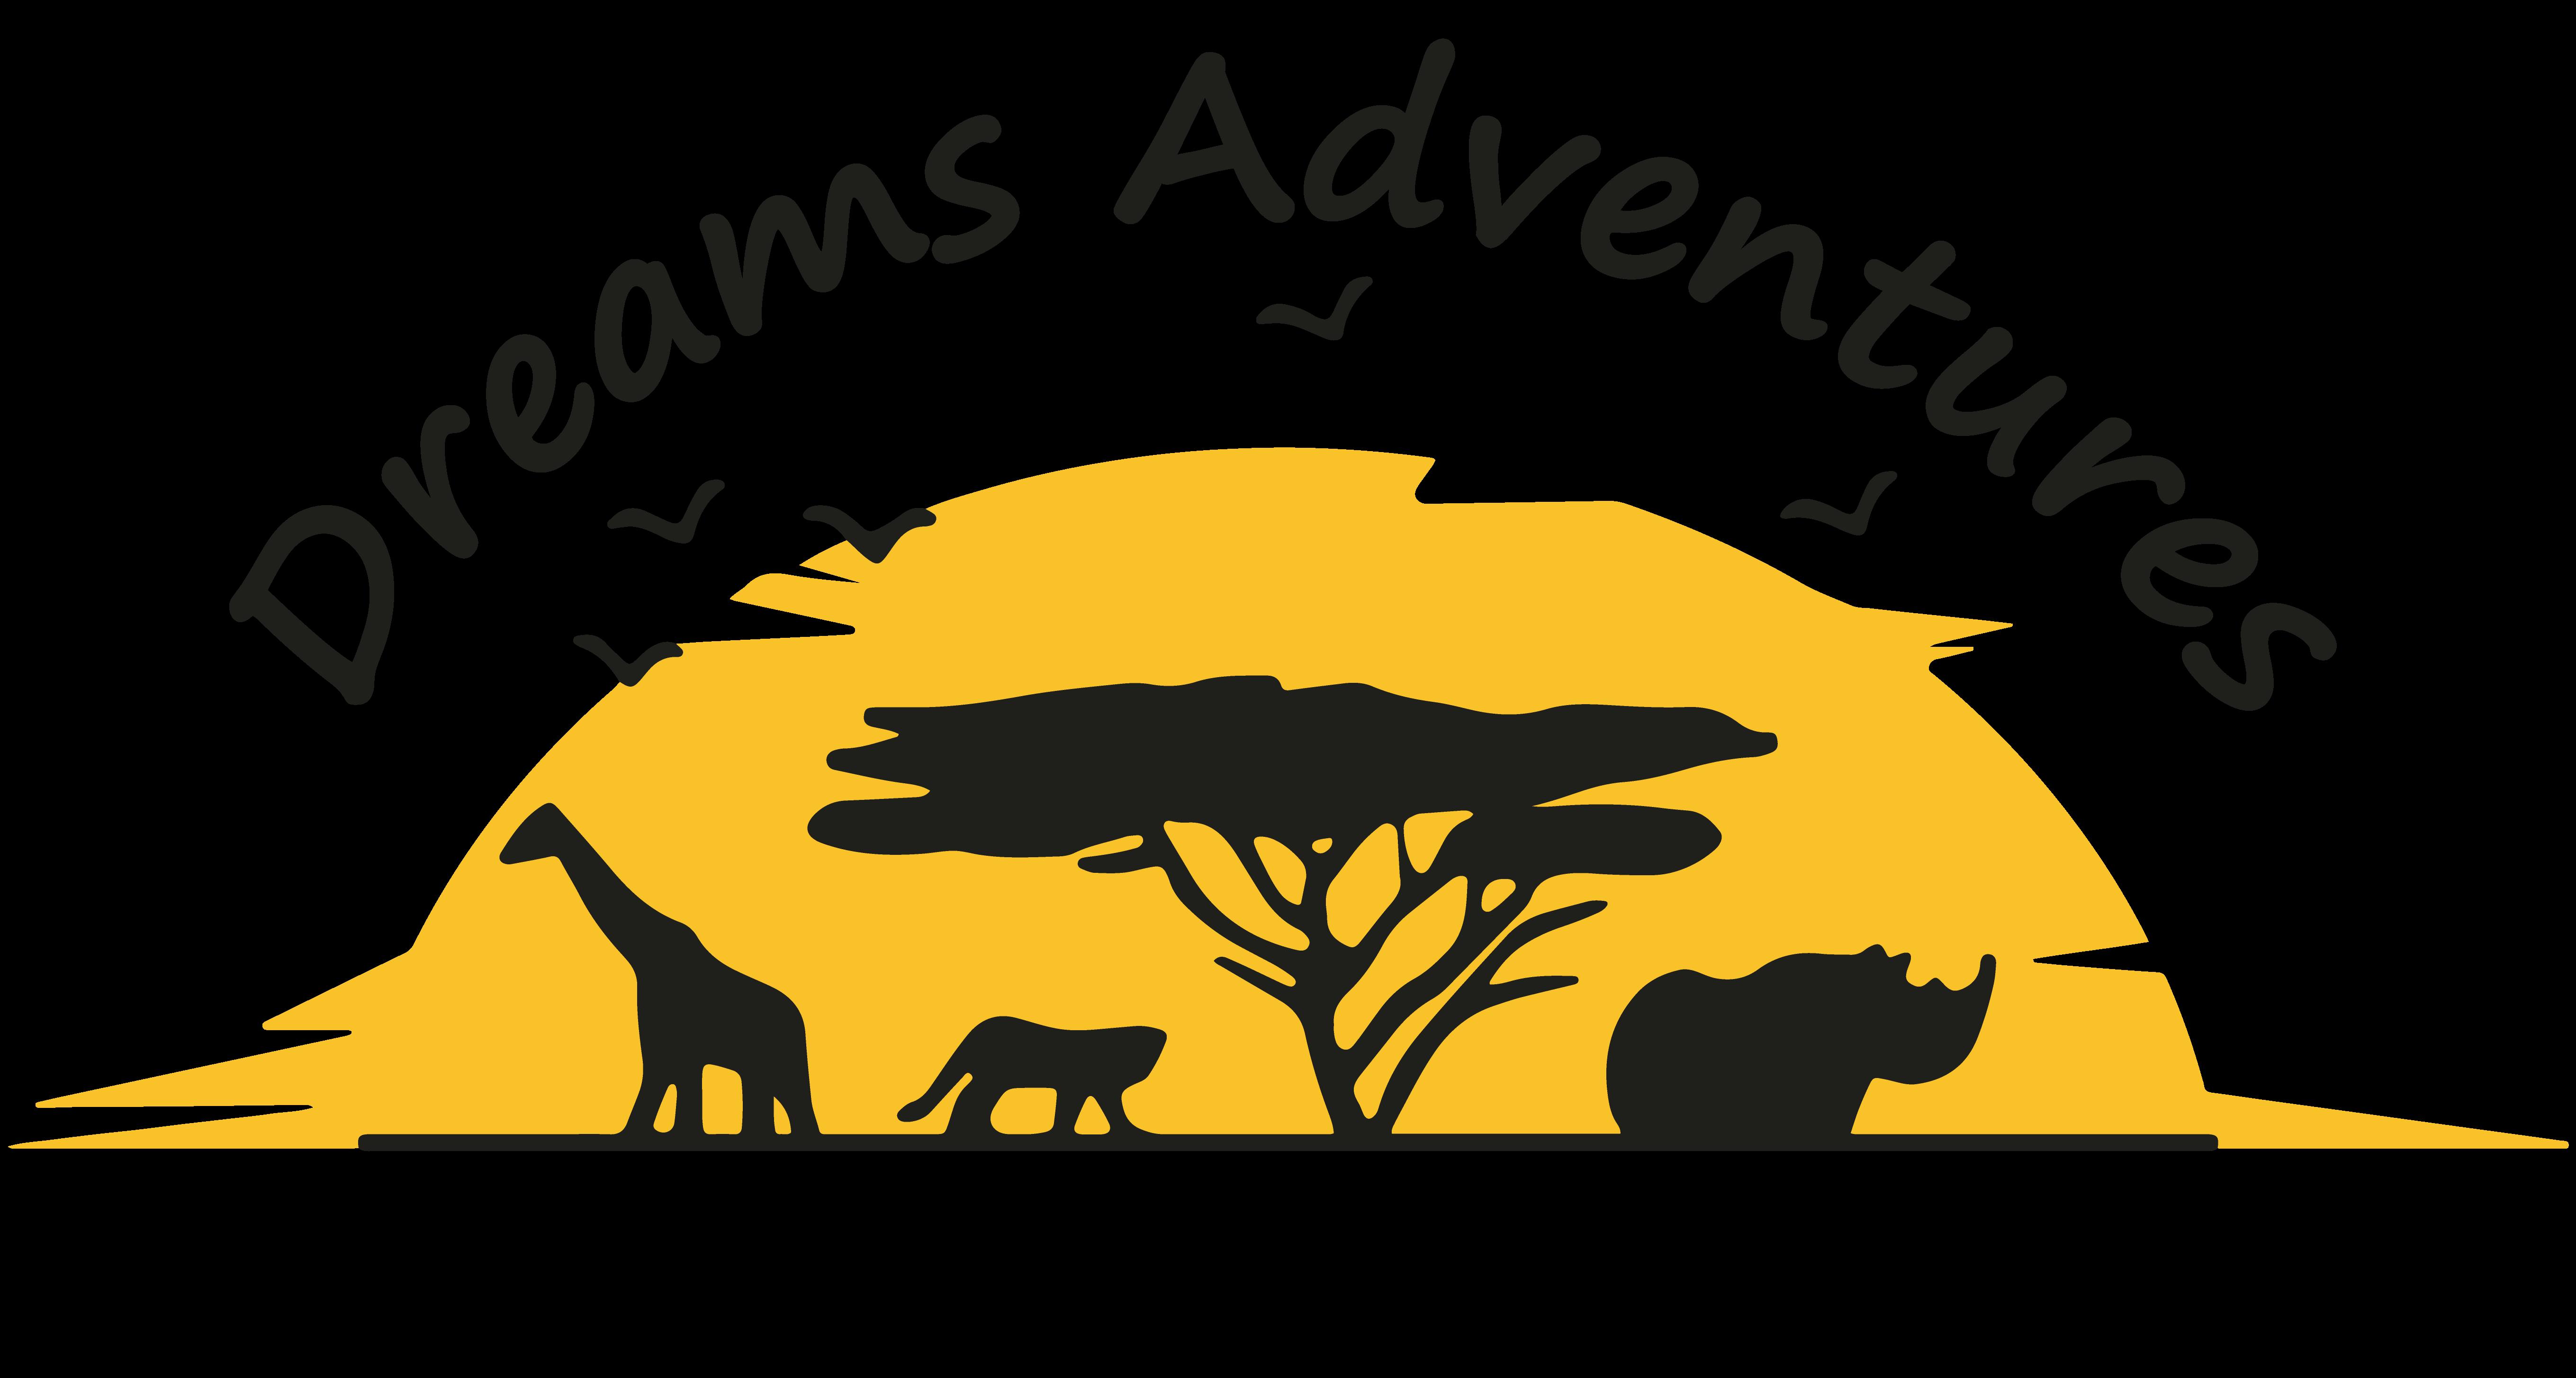 Dreams Adventures Ltd